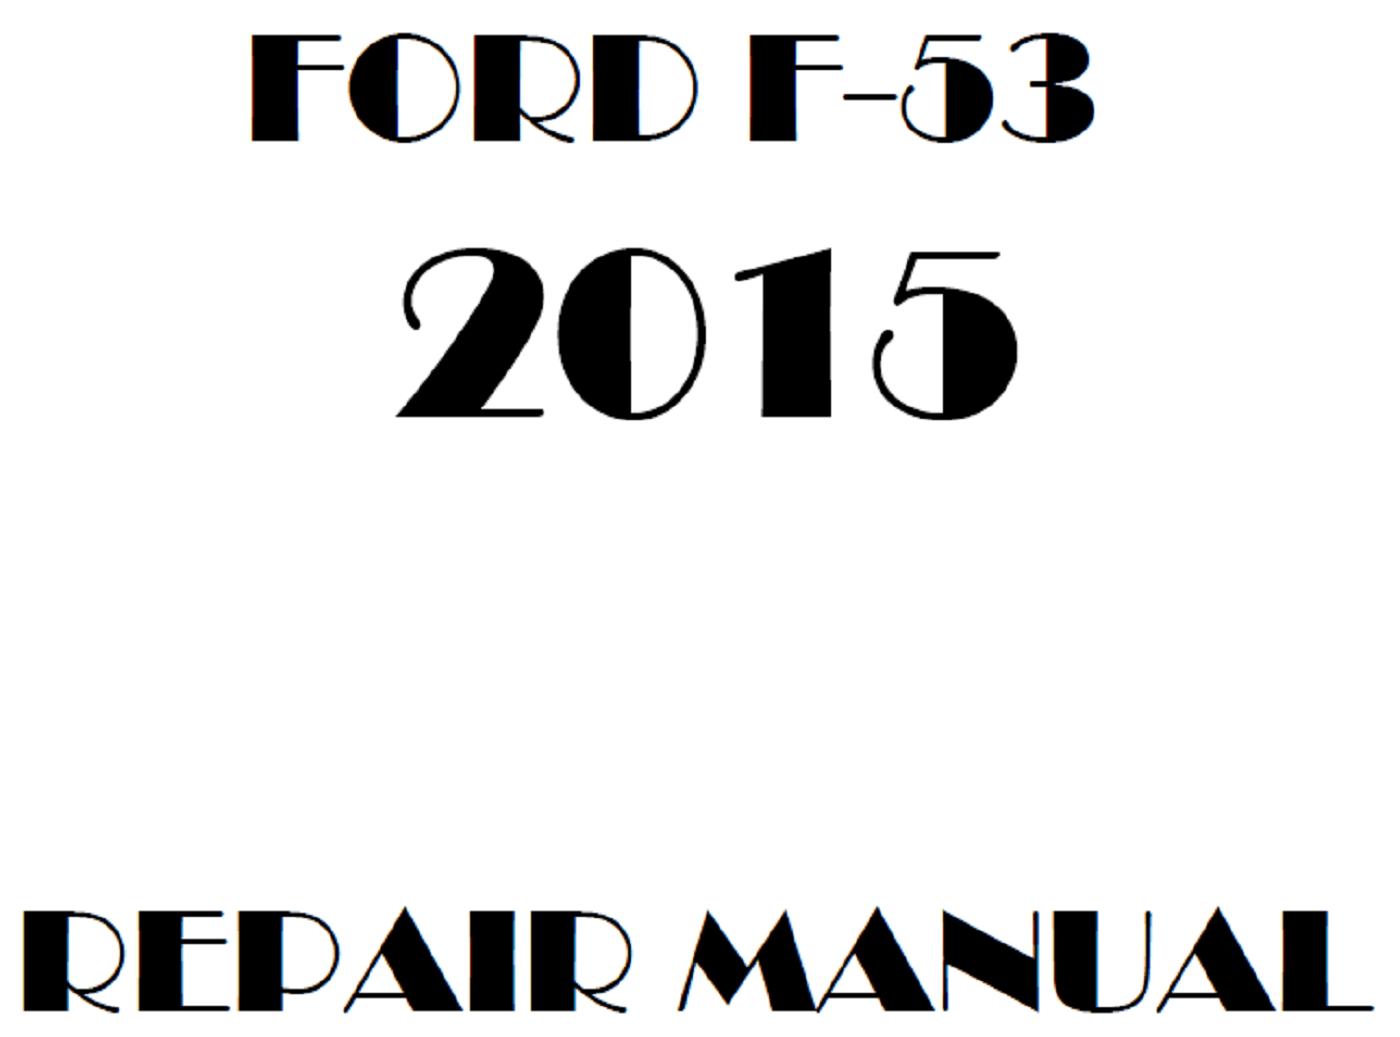 2015 Ford F53 repair manual